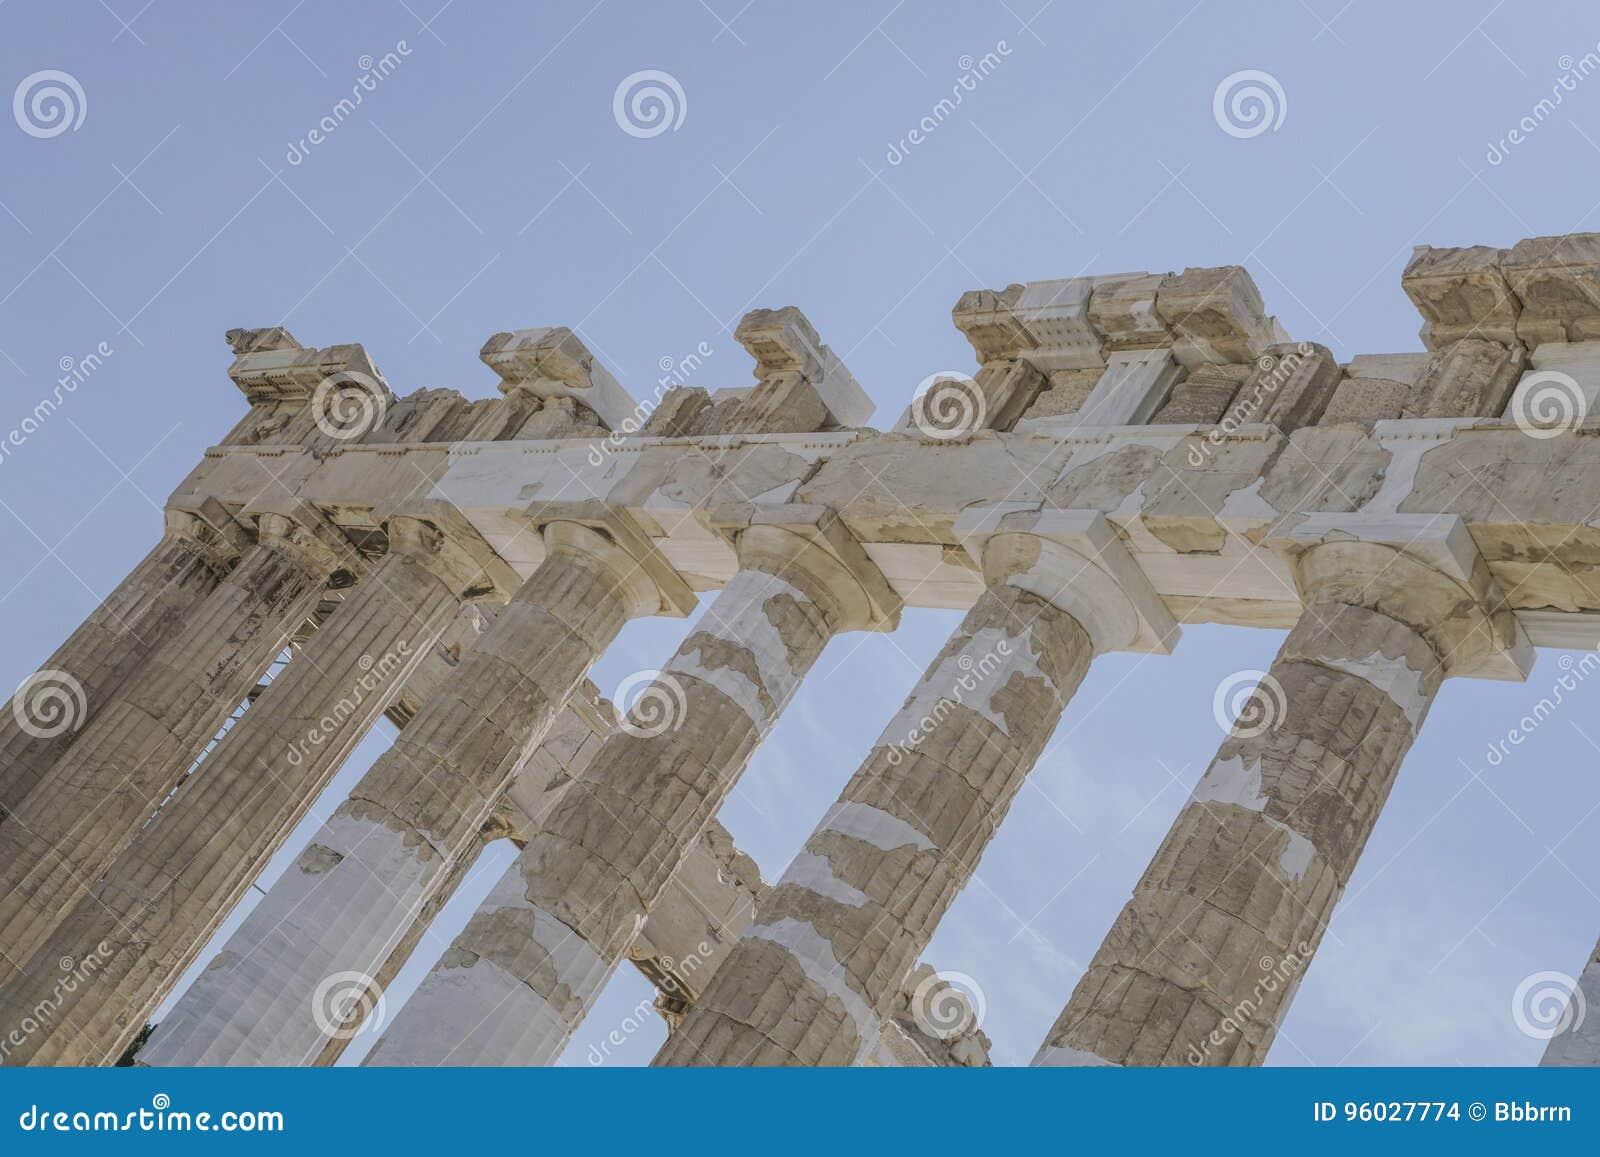 Kolumny na Ateńskim akropolu w Ateny, Grecja